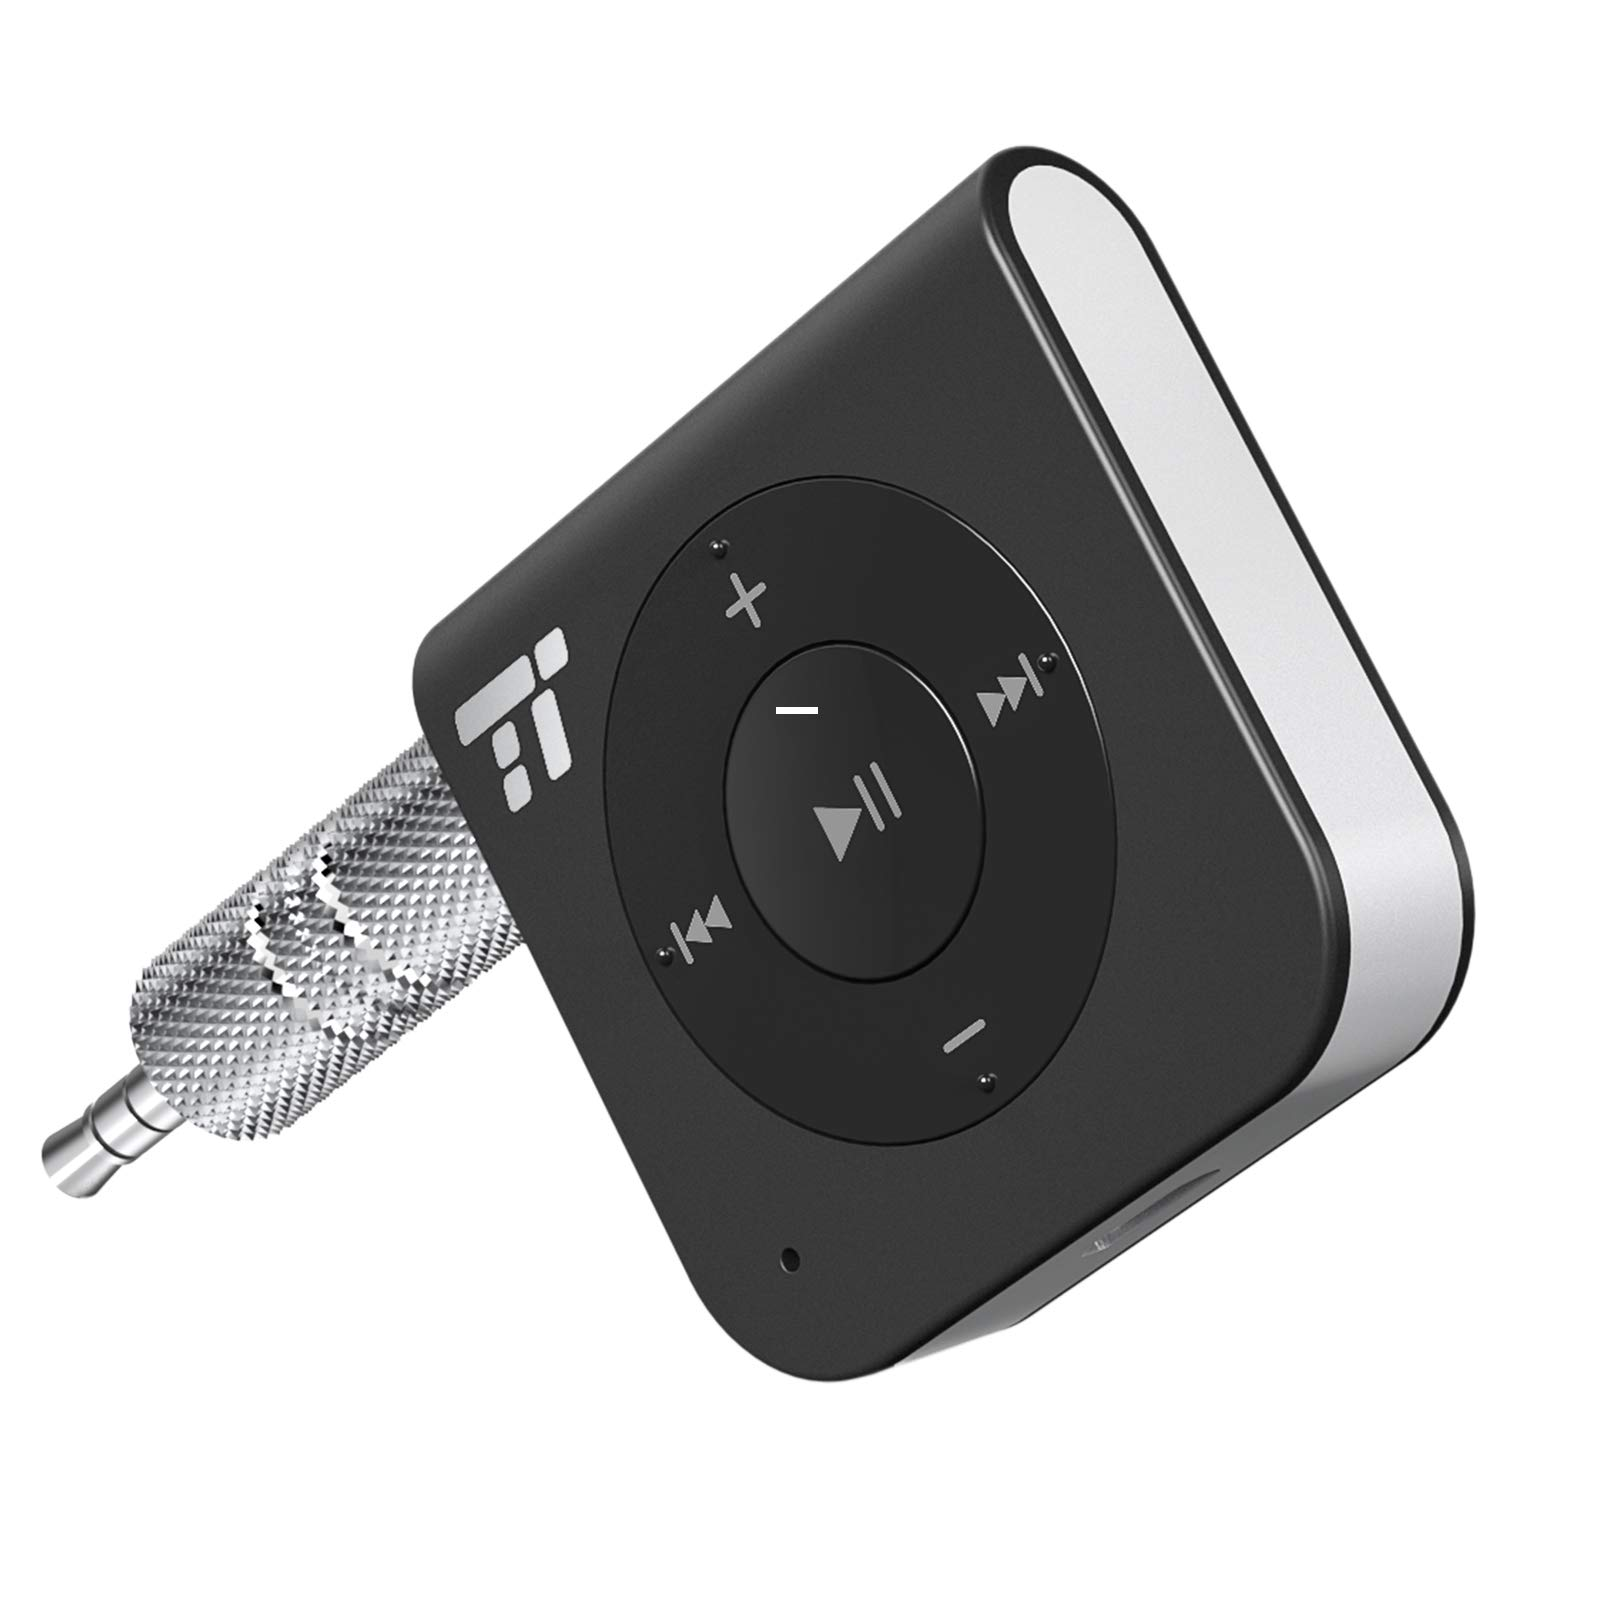 Bluetooth Adapter Empfänger ,TaoTronics Bluetooth Receiver 4.2 Audio Adapter 15 Stunden für KFZ Auto Lautsprecher, 3.5 mm AUX, Verbessertes eingebautes Mikrofon, A2DP, CVC Rauschunterdrückung product image